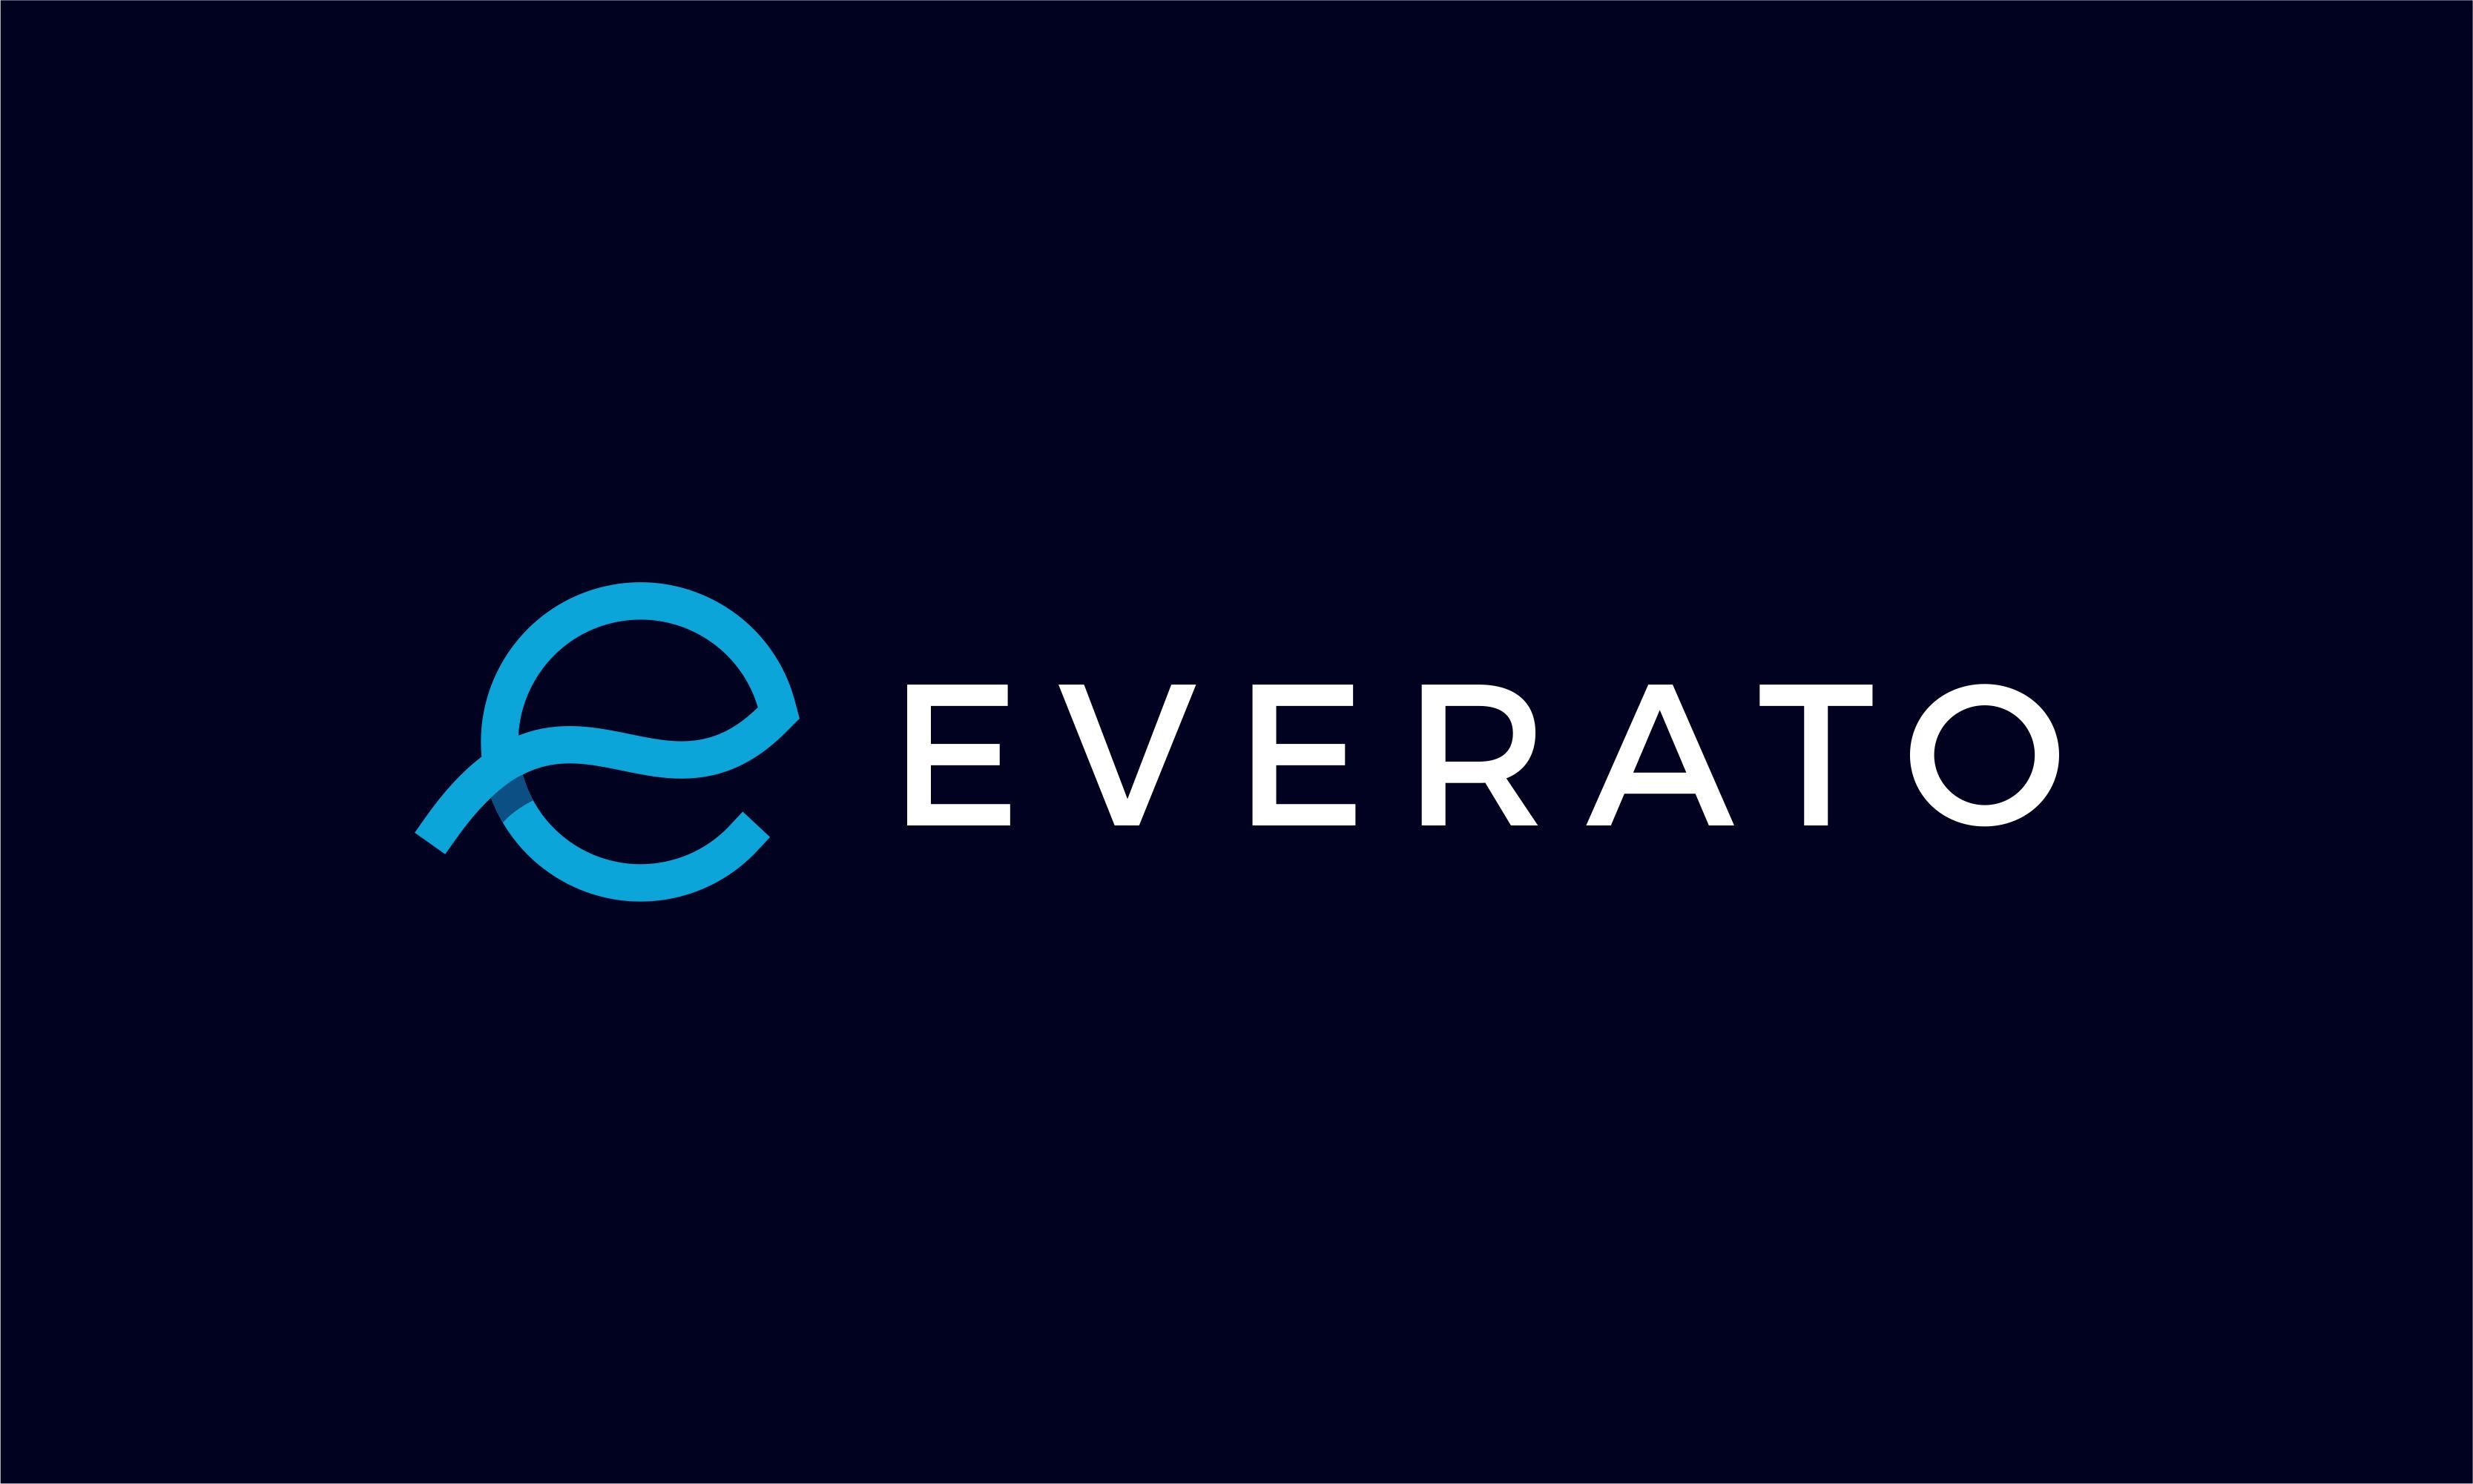 Everato